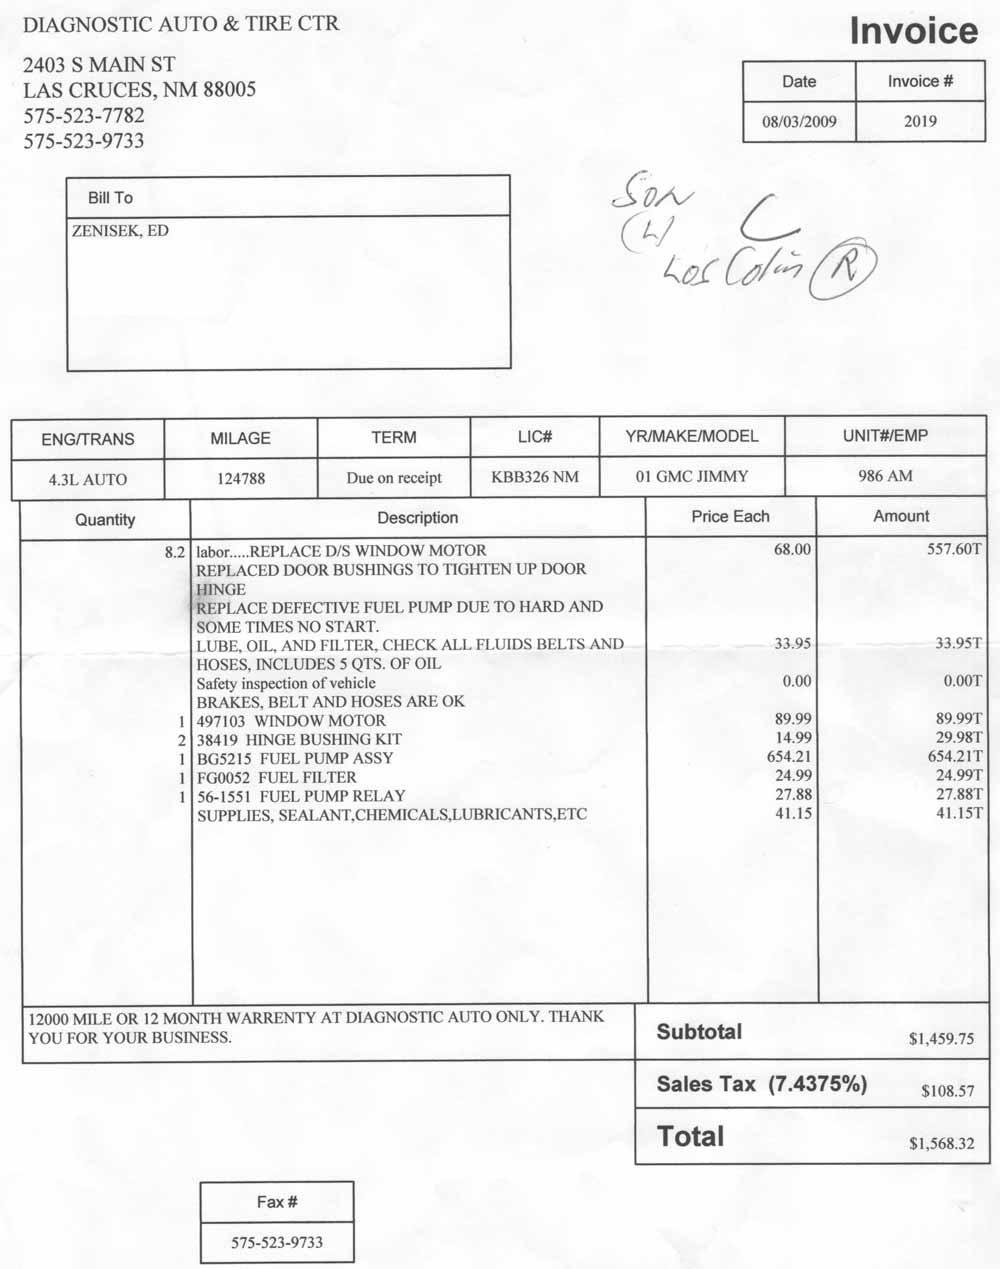 Auto Repair Shop Invoices Templates